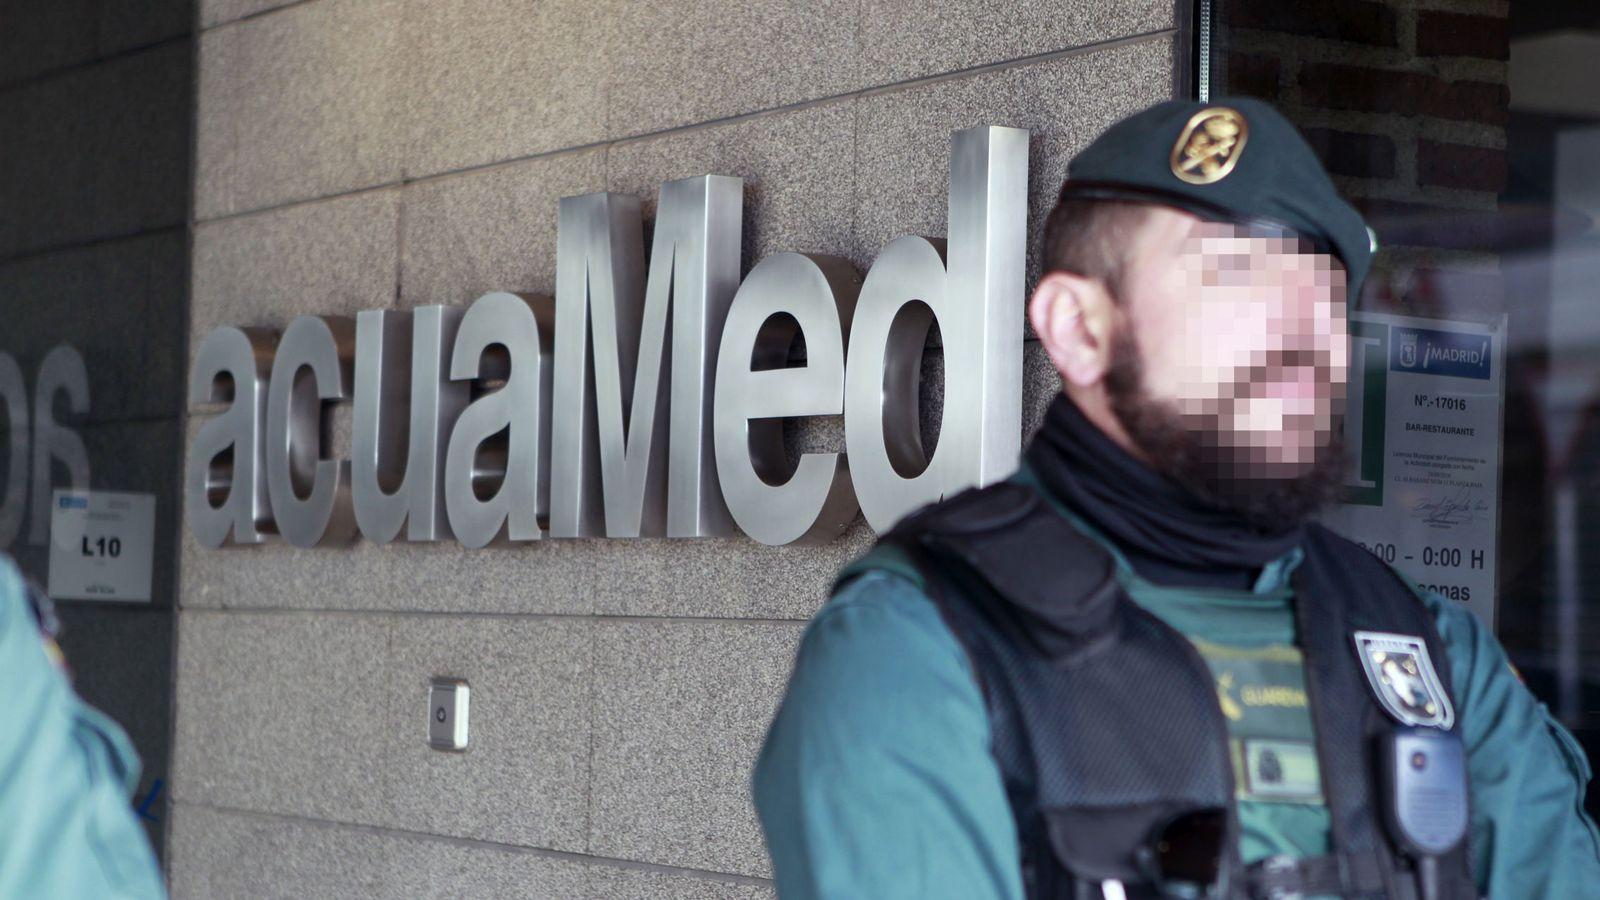 Foto: Registro en la sede de empresa pública Acuamed por posible fraude en contratos. EFE